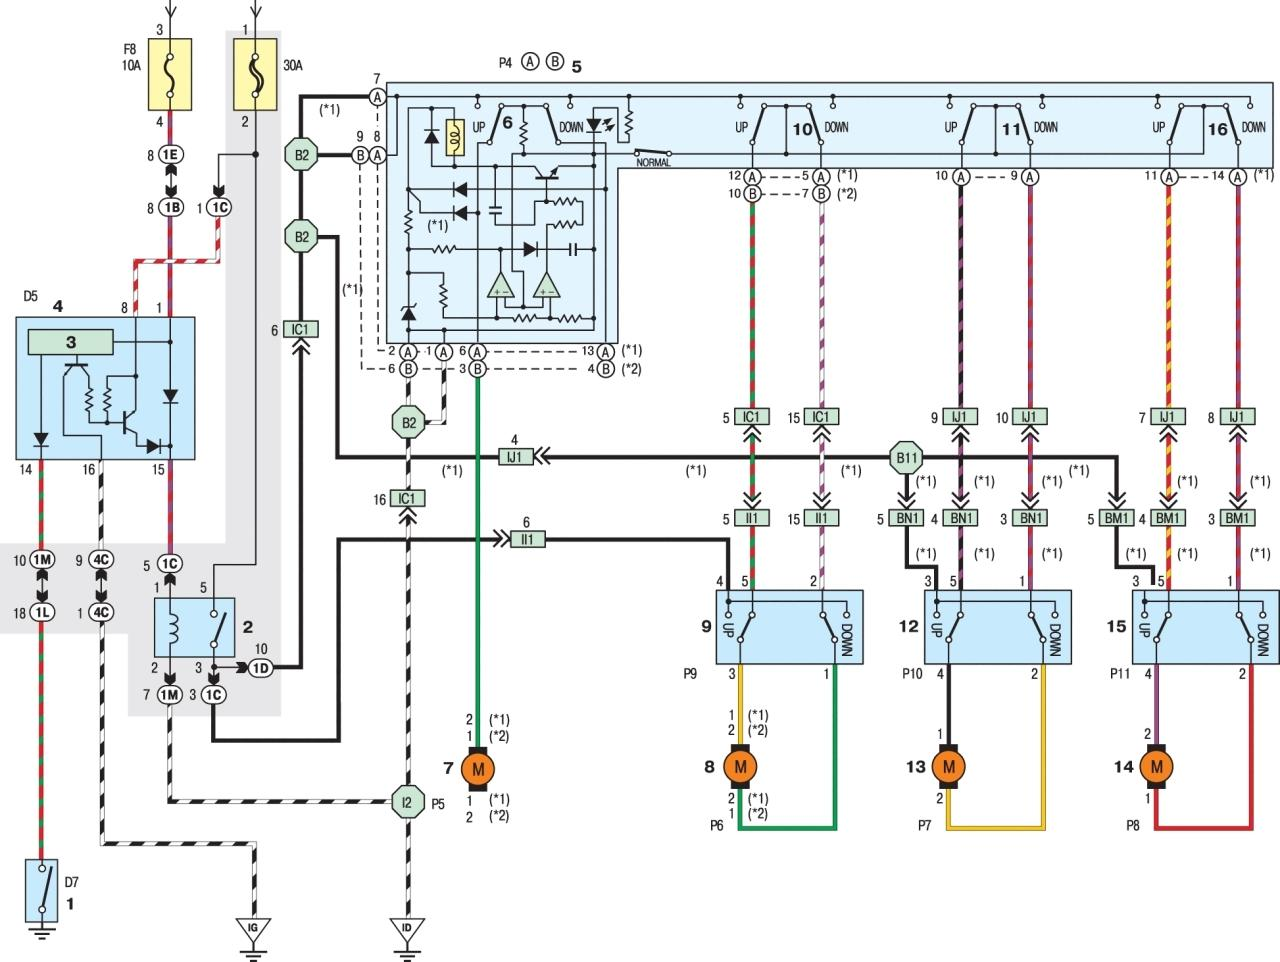 RAV4 (I-поколение) Принципиальная схема.  Стеклоподъемники моделей 1996–1997 гг.